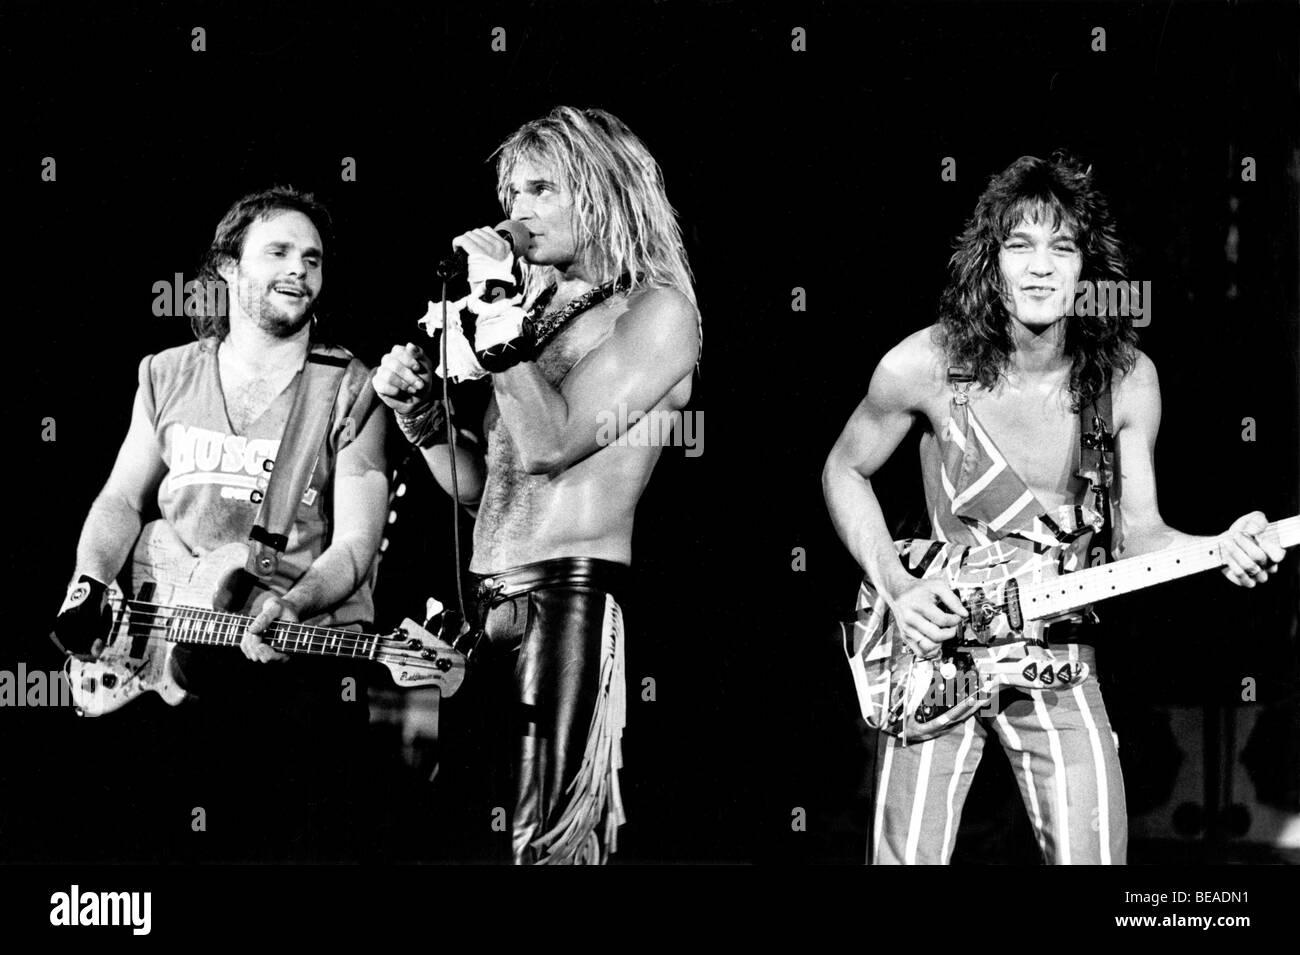 VAN HALEN - US-Rock-Gruppe über 1987 vom linken Sammy Haggar, David Lee Roth und Eddie Van Halen Stockfoto